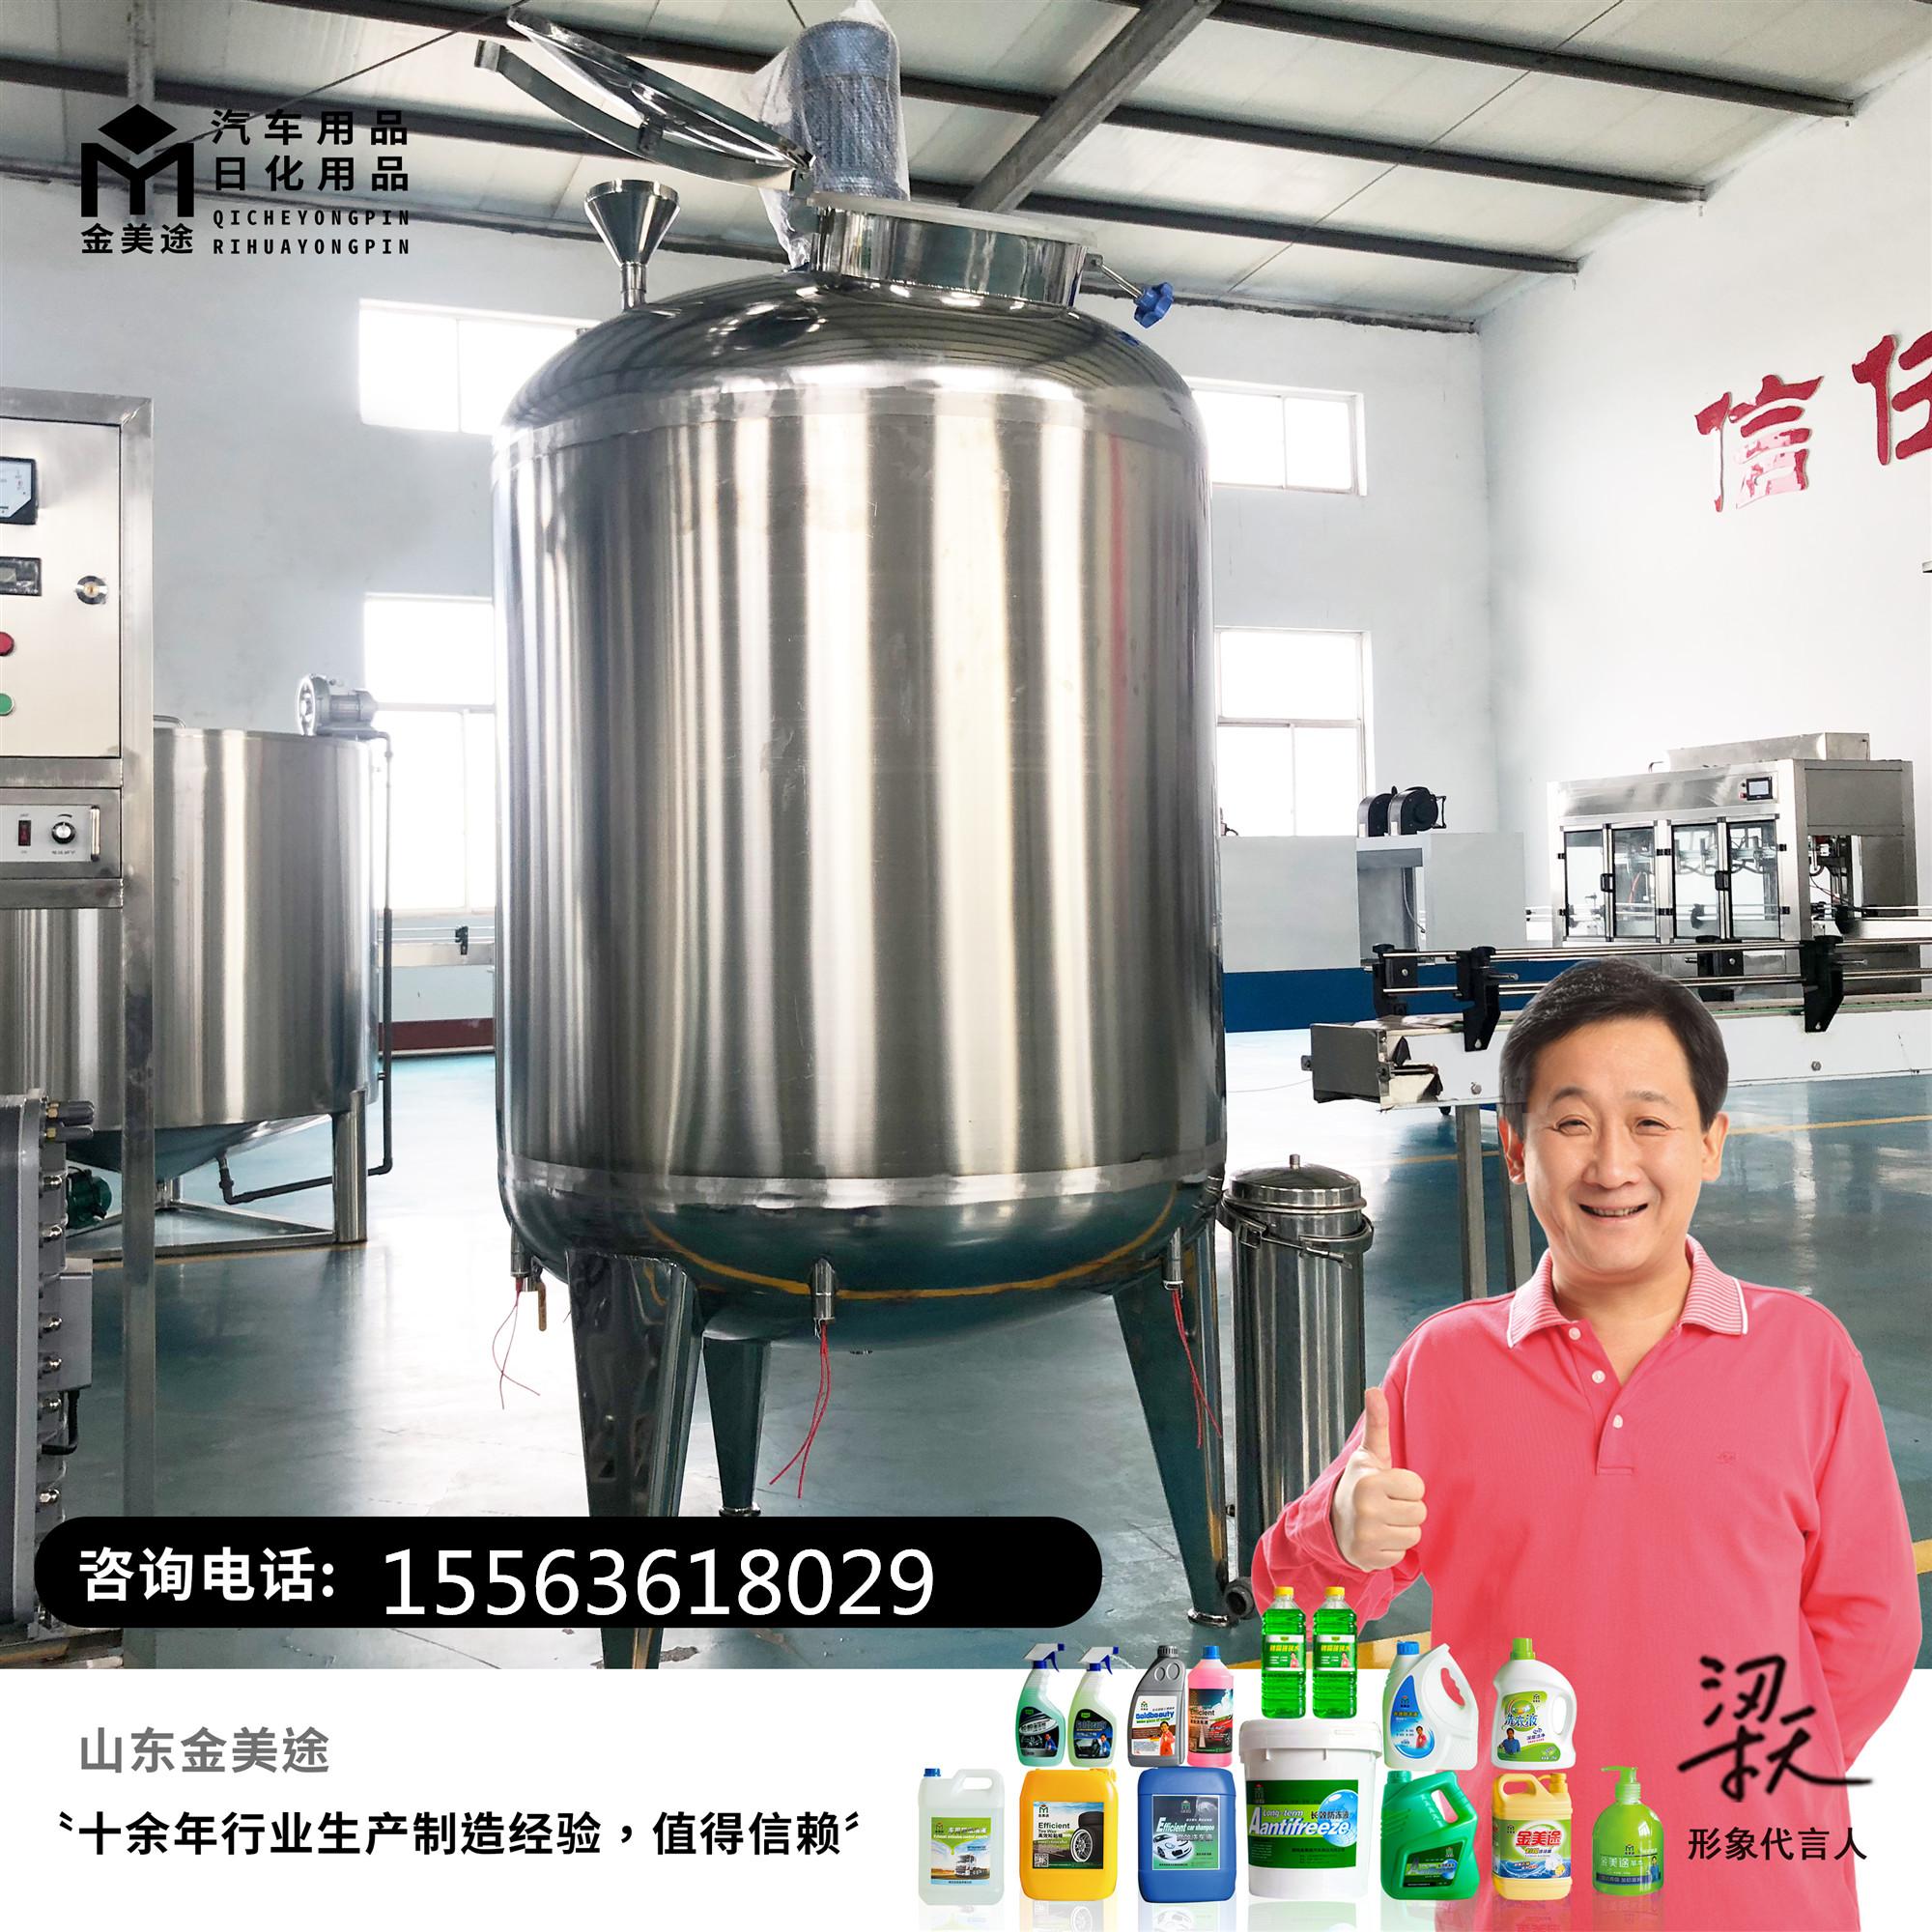 河南洗衣液设备,中型洗衣液设备投资多少钱